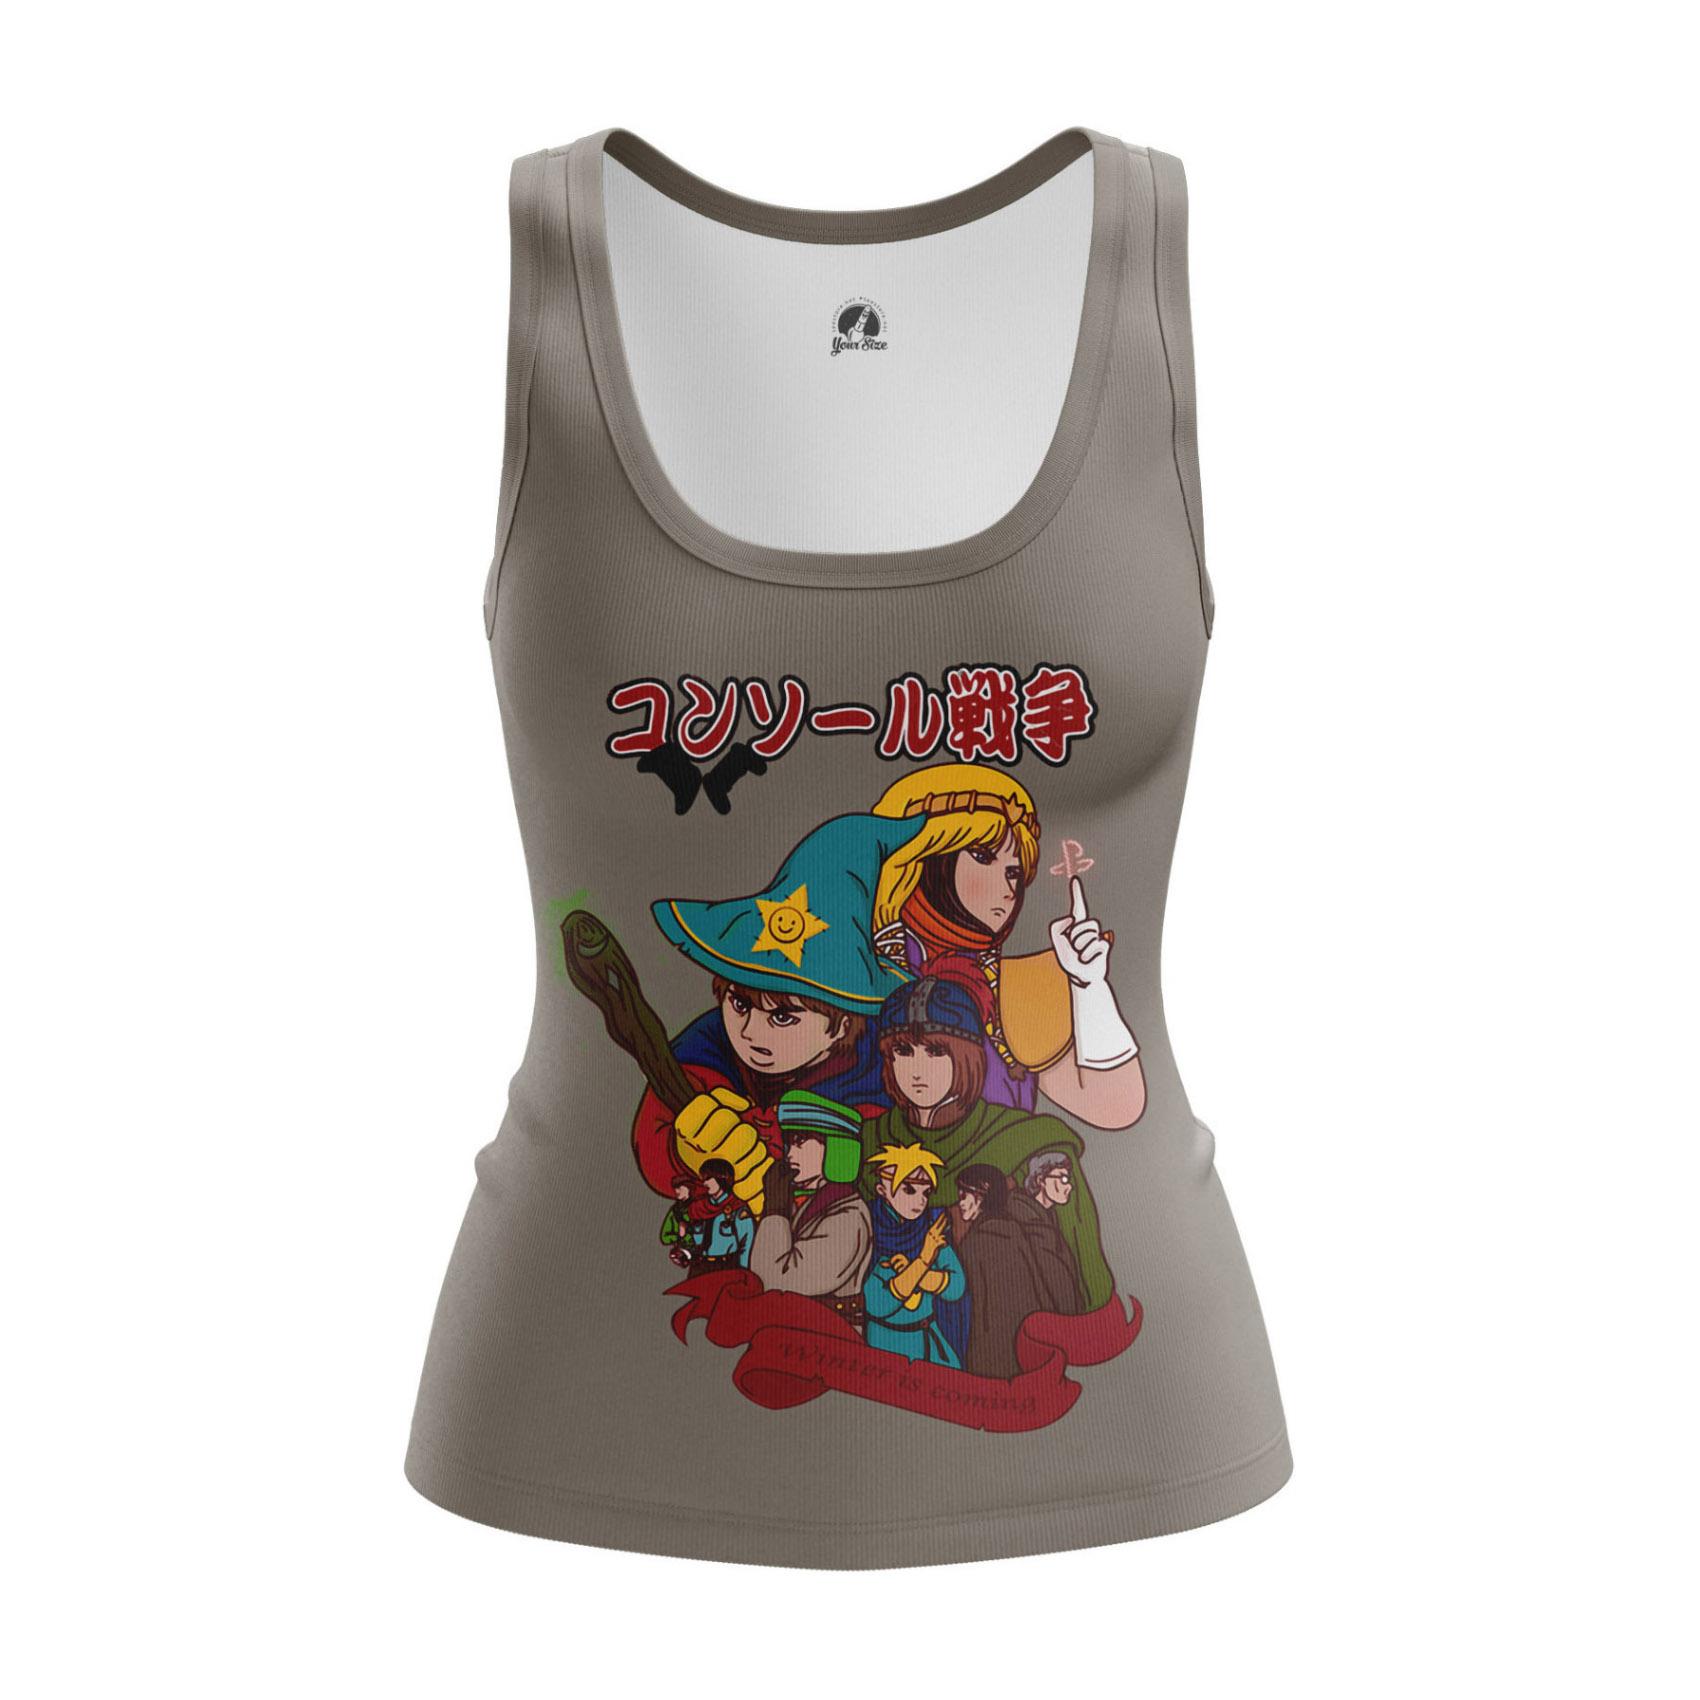 Merchandise - Women'S Tank Console Wars South Park Ps4 Game Vest